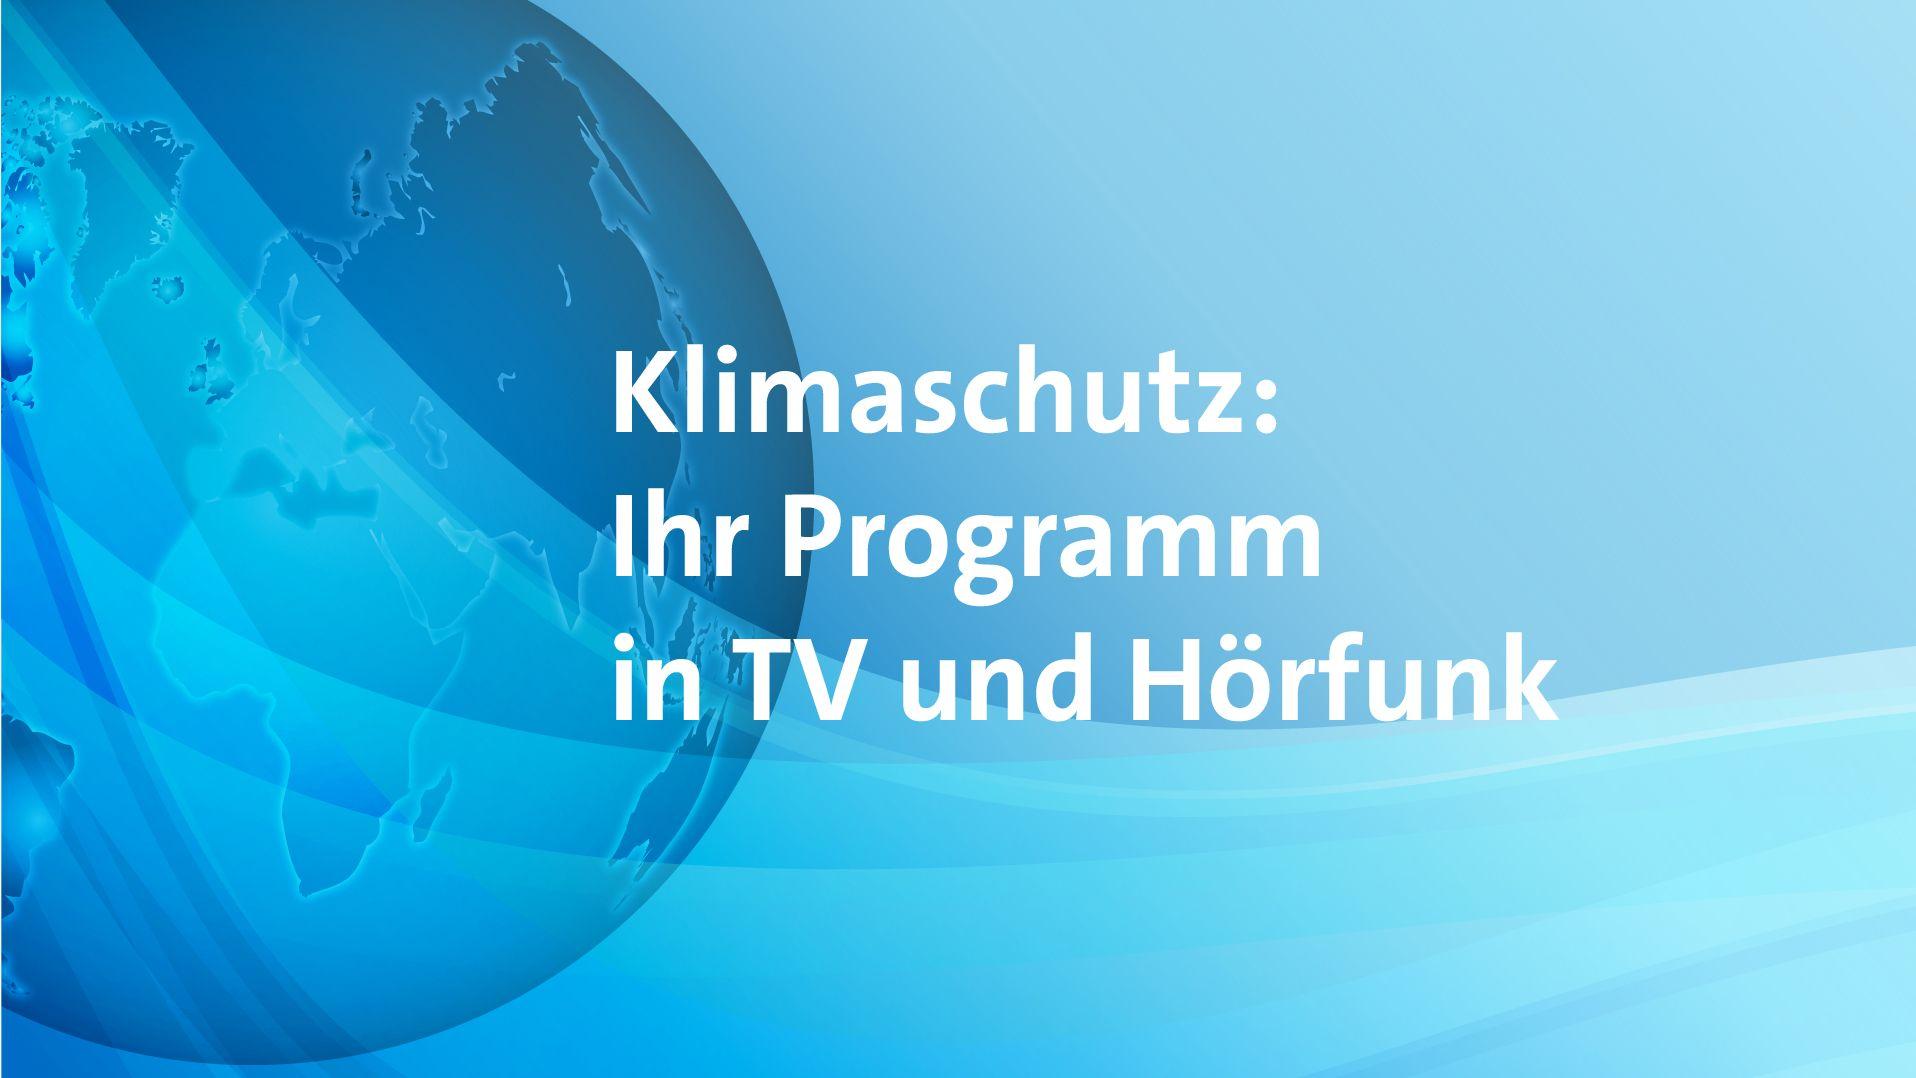 Klimaschutz: Ihr Programm in TV und Hörfunk